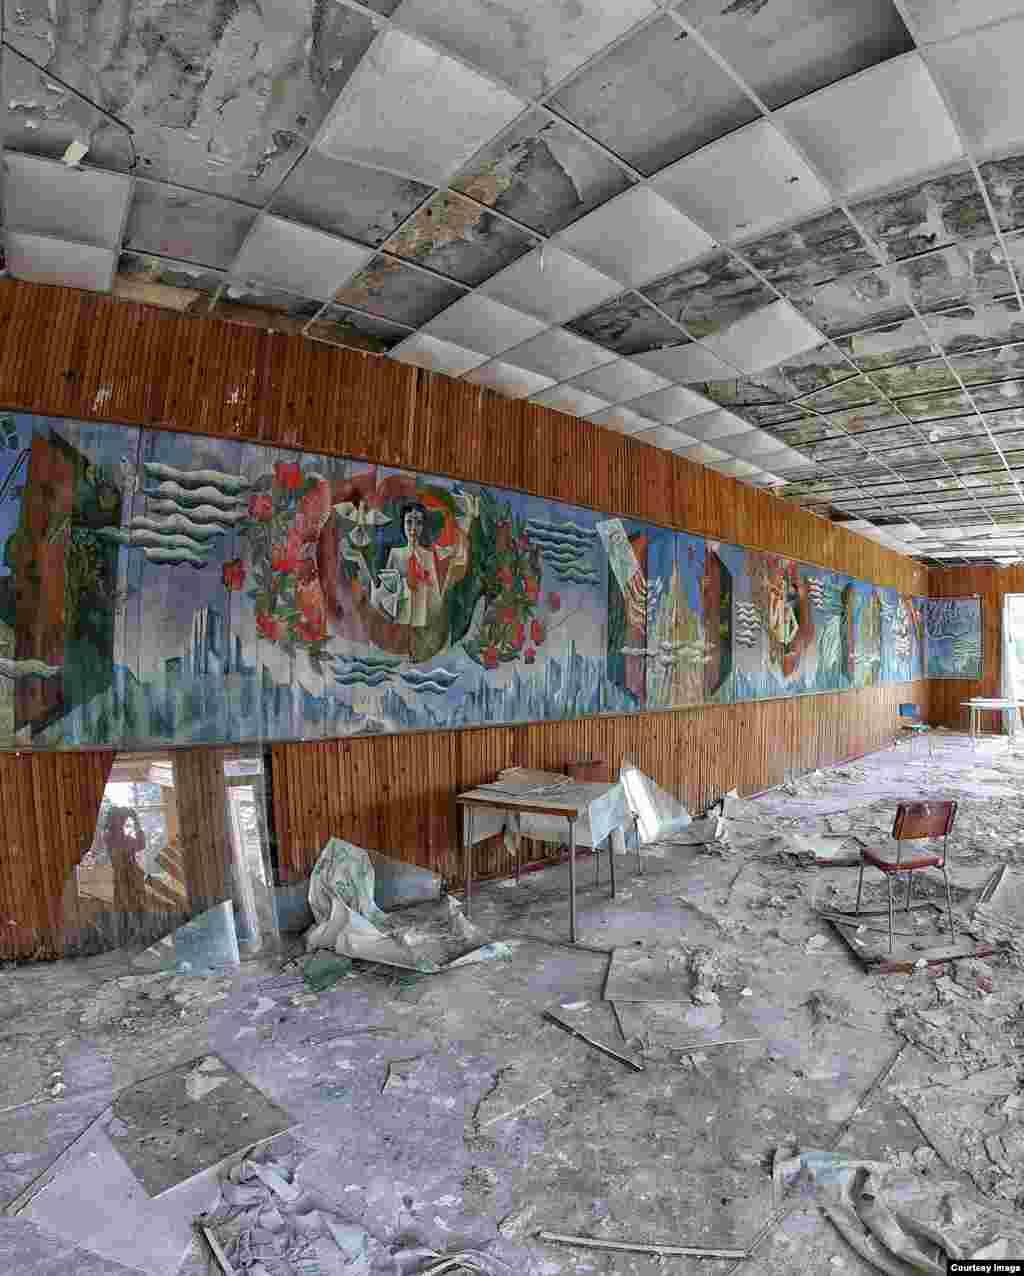 Детский лагерь «Коммунальник» в Нальчике, Кабардино-Балкария. Лагерь расположен в районе с названием «Волчьи ворота». Его построили для детейработников жилищно-коммунального хозяйства, а закрыли восемь лет назад. На территории лагеря сохранились картины, плакаты о пионерах, скульптуры в саду, пианино, сцена